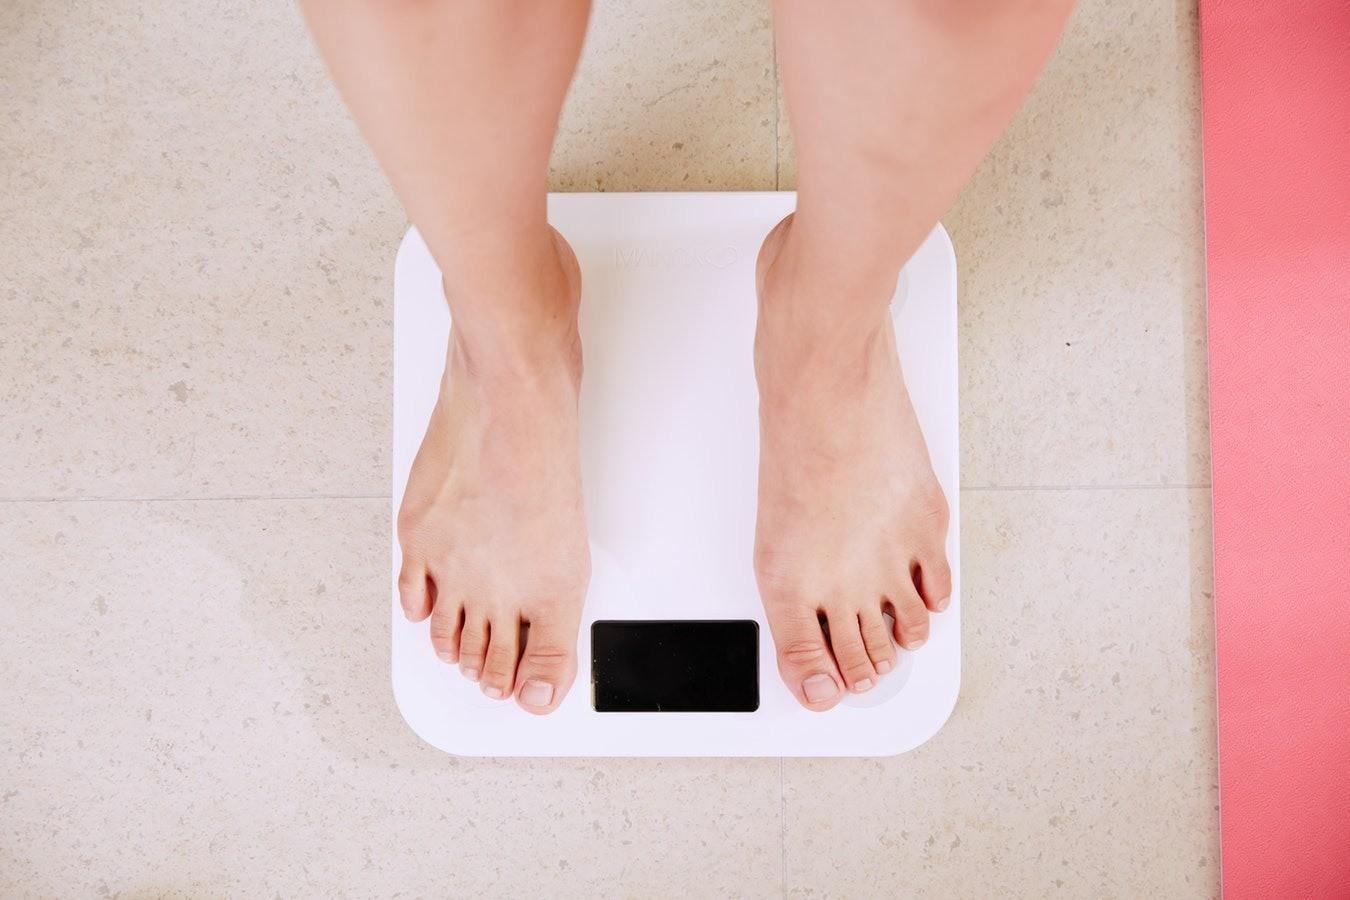 Что такое читмил в похудении и когда его лучше практиковать?